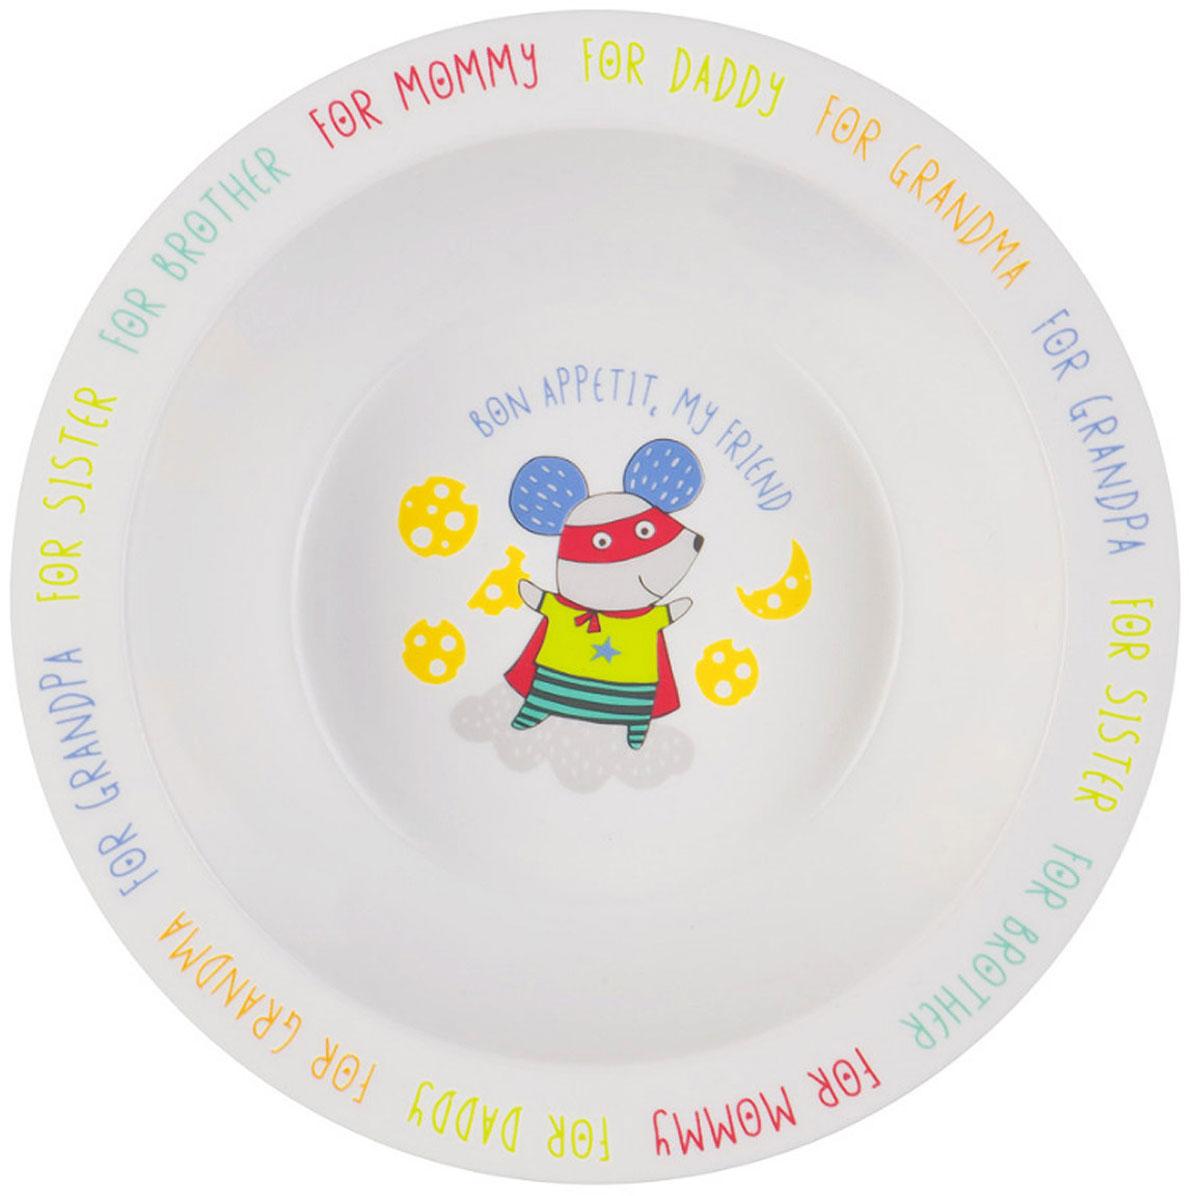 Happy Baby Тарелка глубокая для кормления с присоской Мышь цвет белый мятный15029_белый, мятныйГлубокая тарелка для кормления Happy Baby Мышь изготовлена из безопасного материала.Тарелочка, оформленная веселой картинкой, понравится и малышу, и родителям! Ребенок будет с удовольствием учиться кушать самостоятельно. Тарелочка подходит для горячей и холодной пищи.Яркий дизайн тарелки превращает процесс кормления в увлекательную игру. Широкая присоска на дне прочно фиксирует тарелку на гладкой поверхности и не позволит ее перевернуть.Подходит для детей от 6 месяцев.Можно разогревать в микроволновой печи и мыть в посудомоечной машине без присоски.Не содержит бисфенол А.